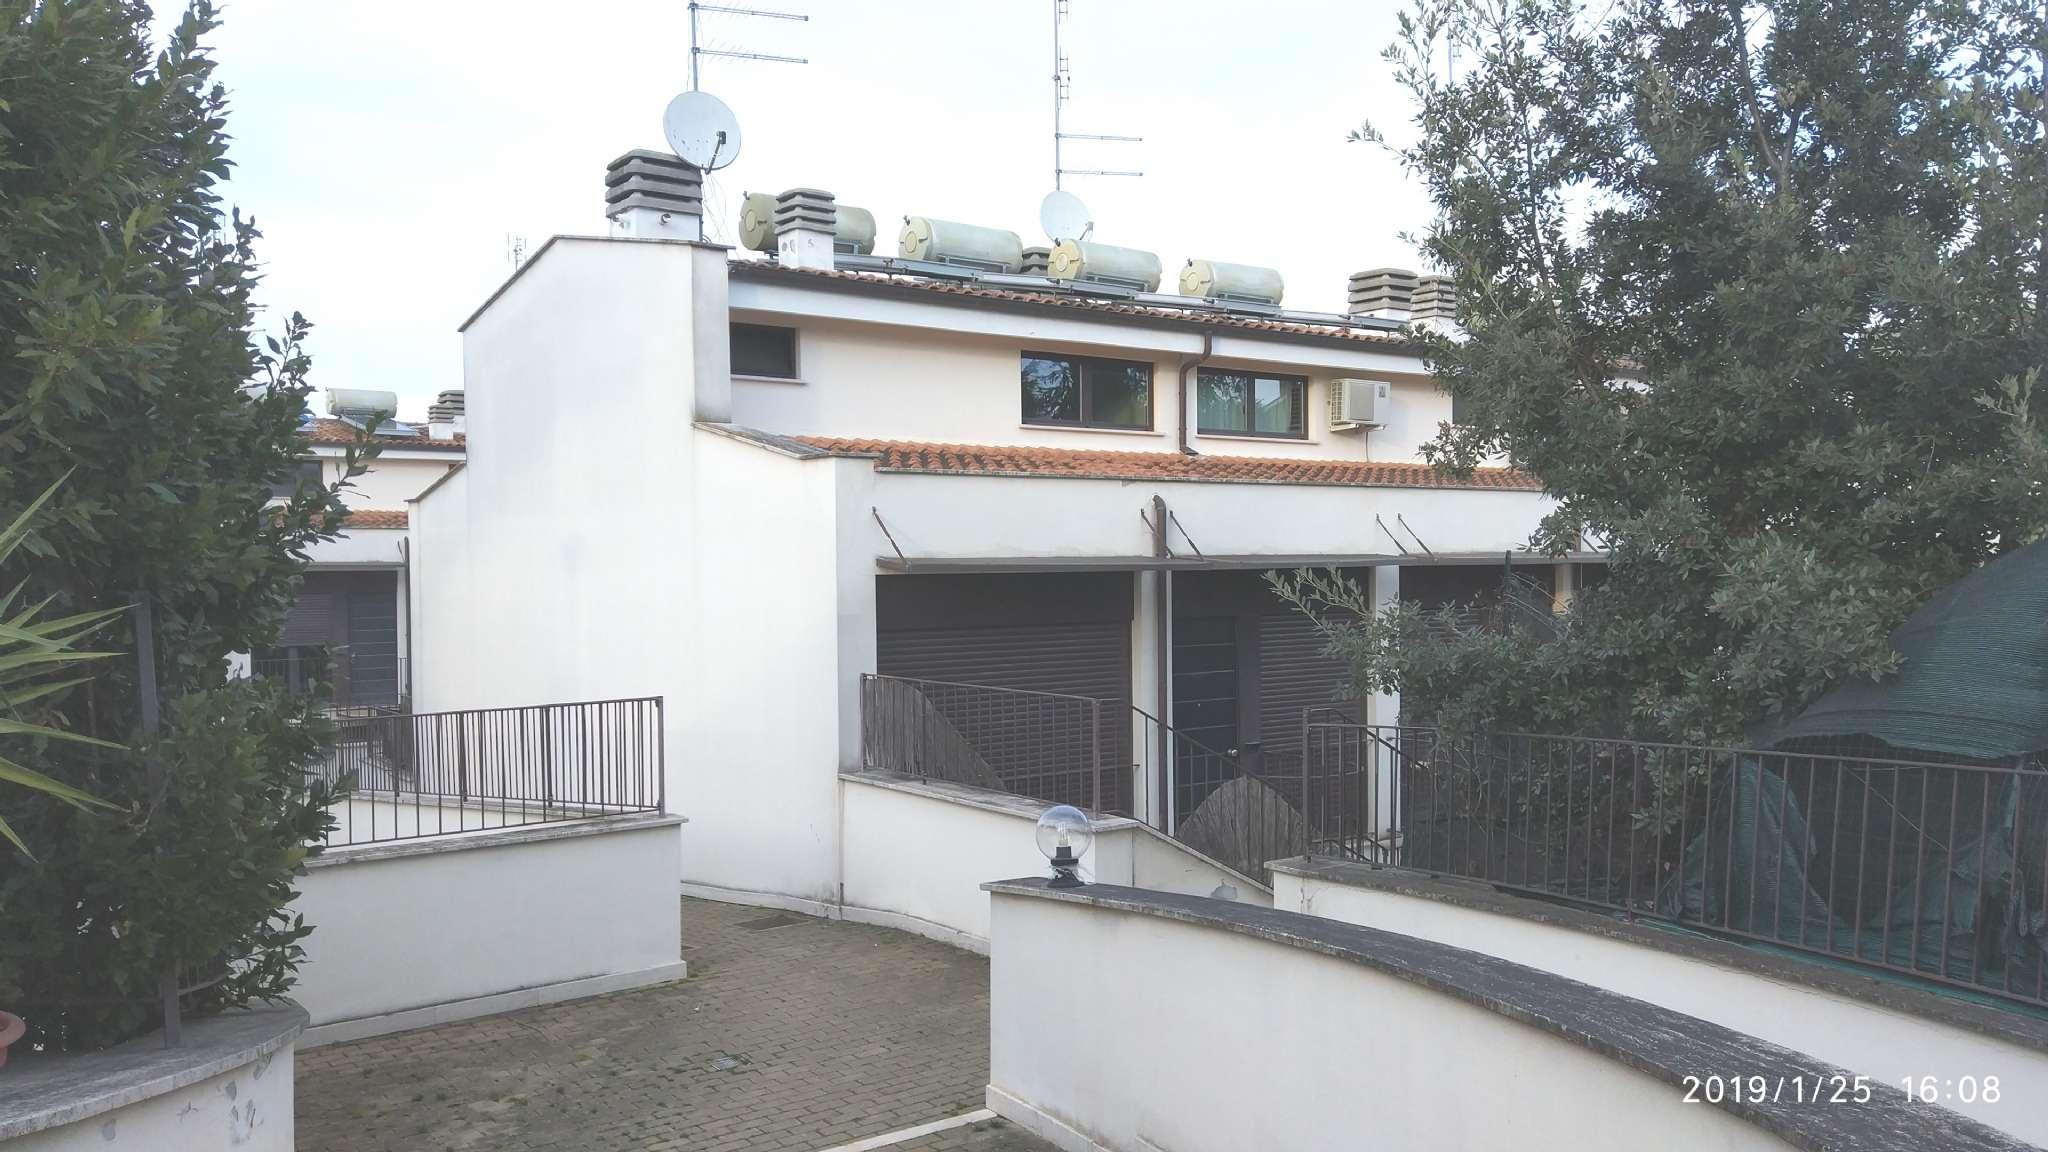 Villa a Schiera in vendita a Roma, 4 locali, zona Zona: 27 . Aurelio - Boccea, prezzo € 180.000 | CambioCasa.it